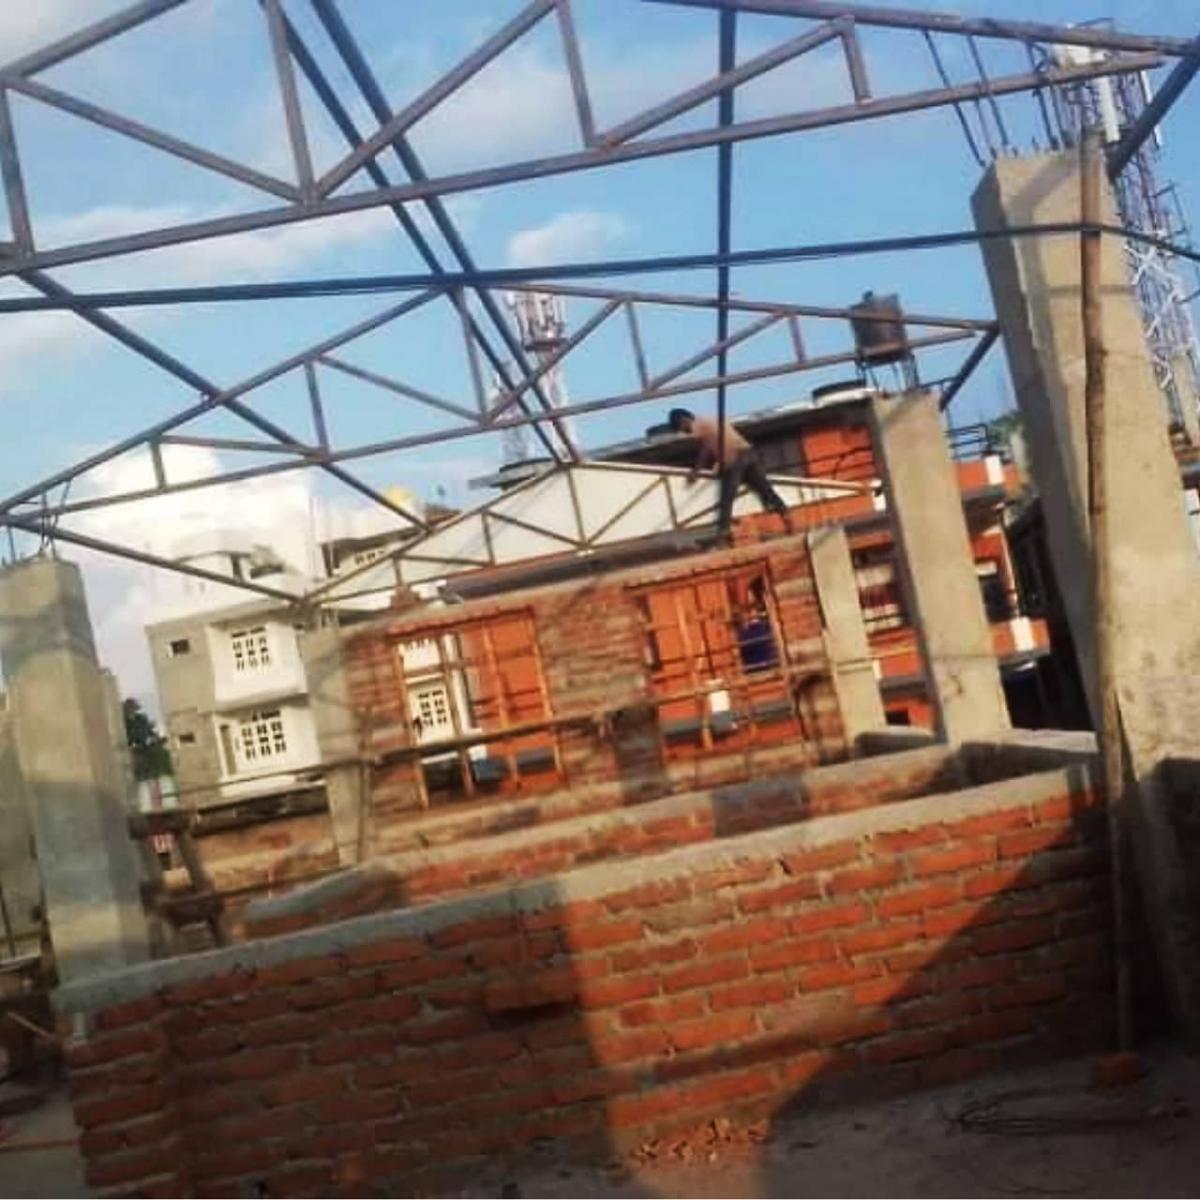 Posizionamento delle capriate - Bhagawati School